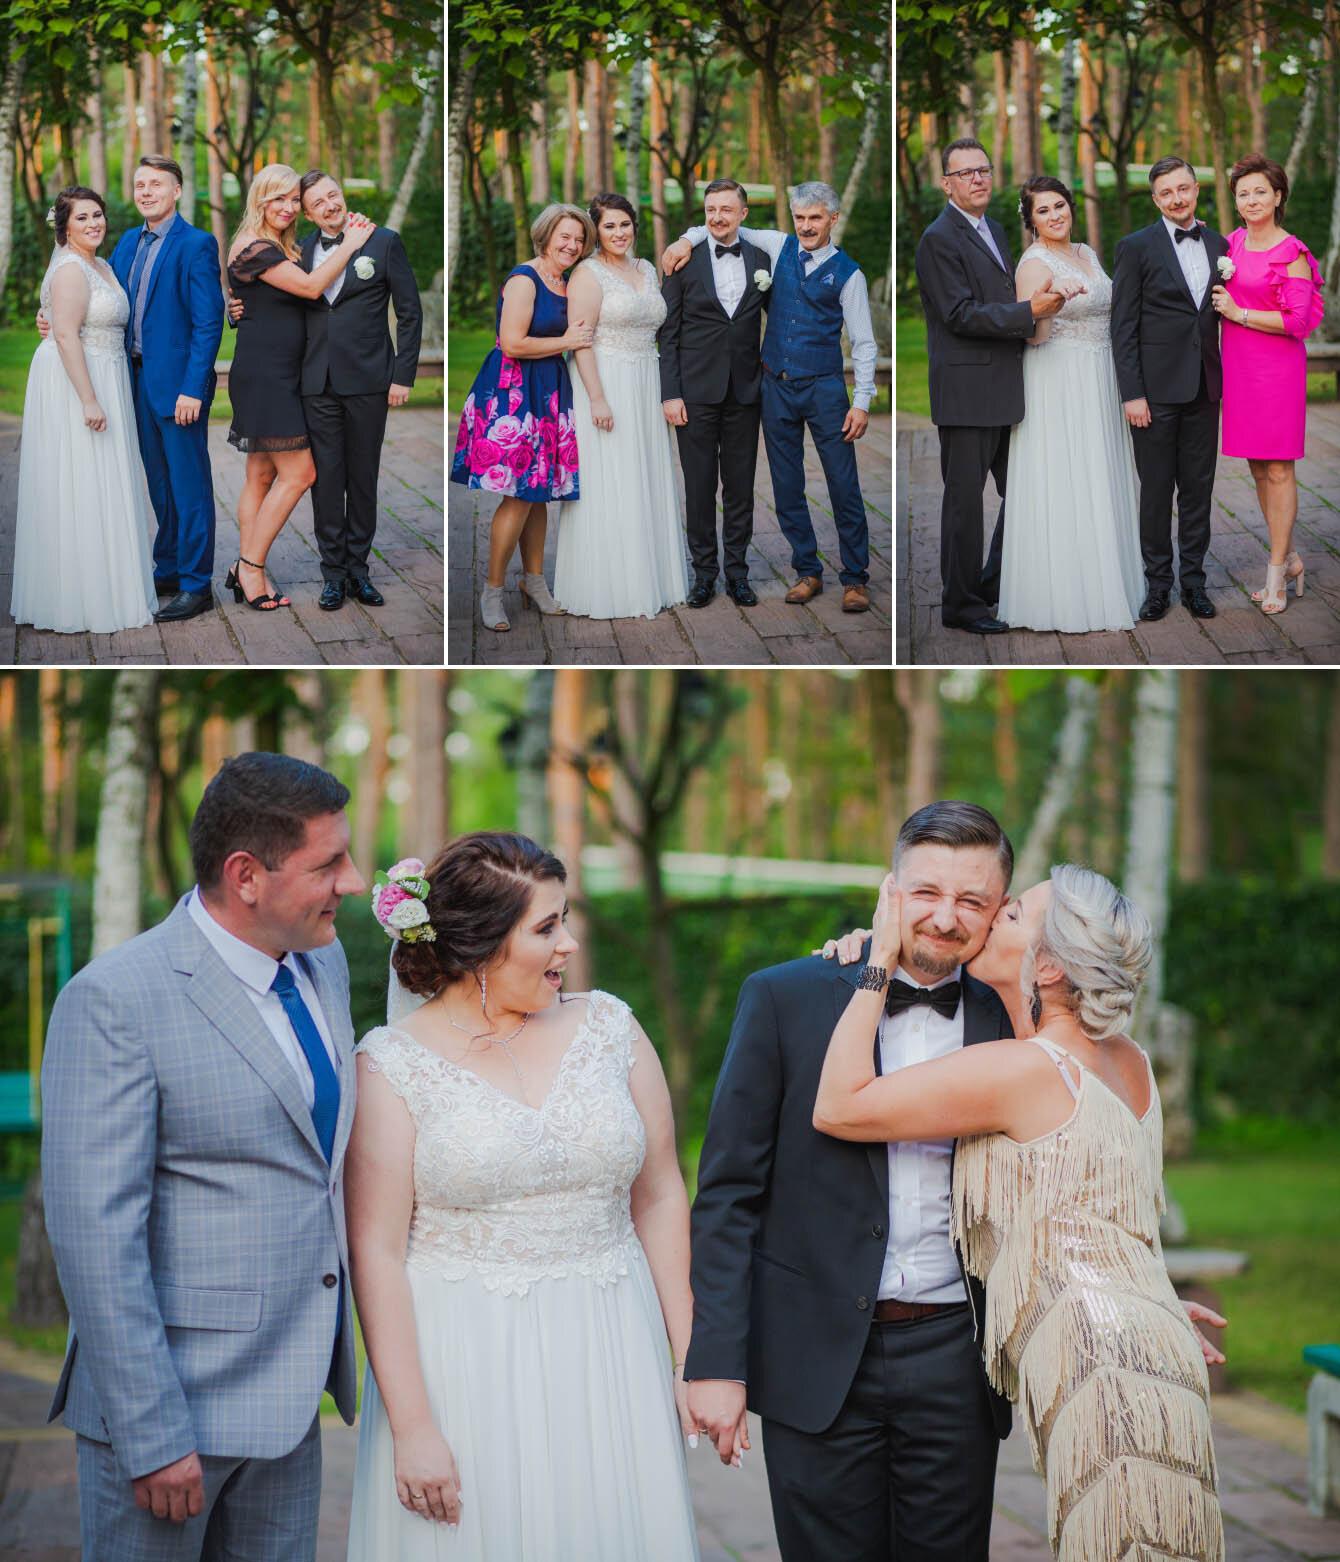 Fotografie ślubne Marka i Angeliki w domu weselnym pod Grzybkiem fotograf Bartek Wyrobek  31.jpg